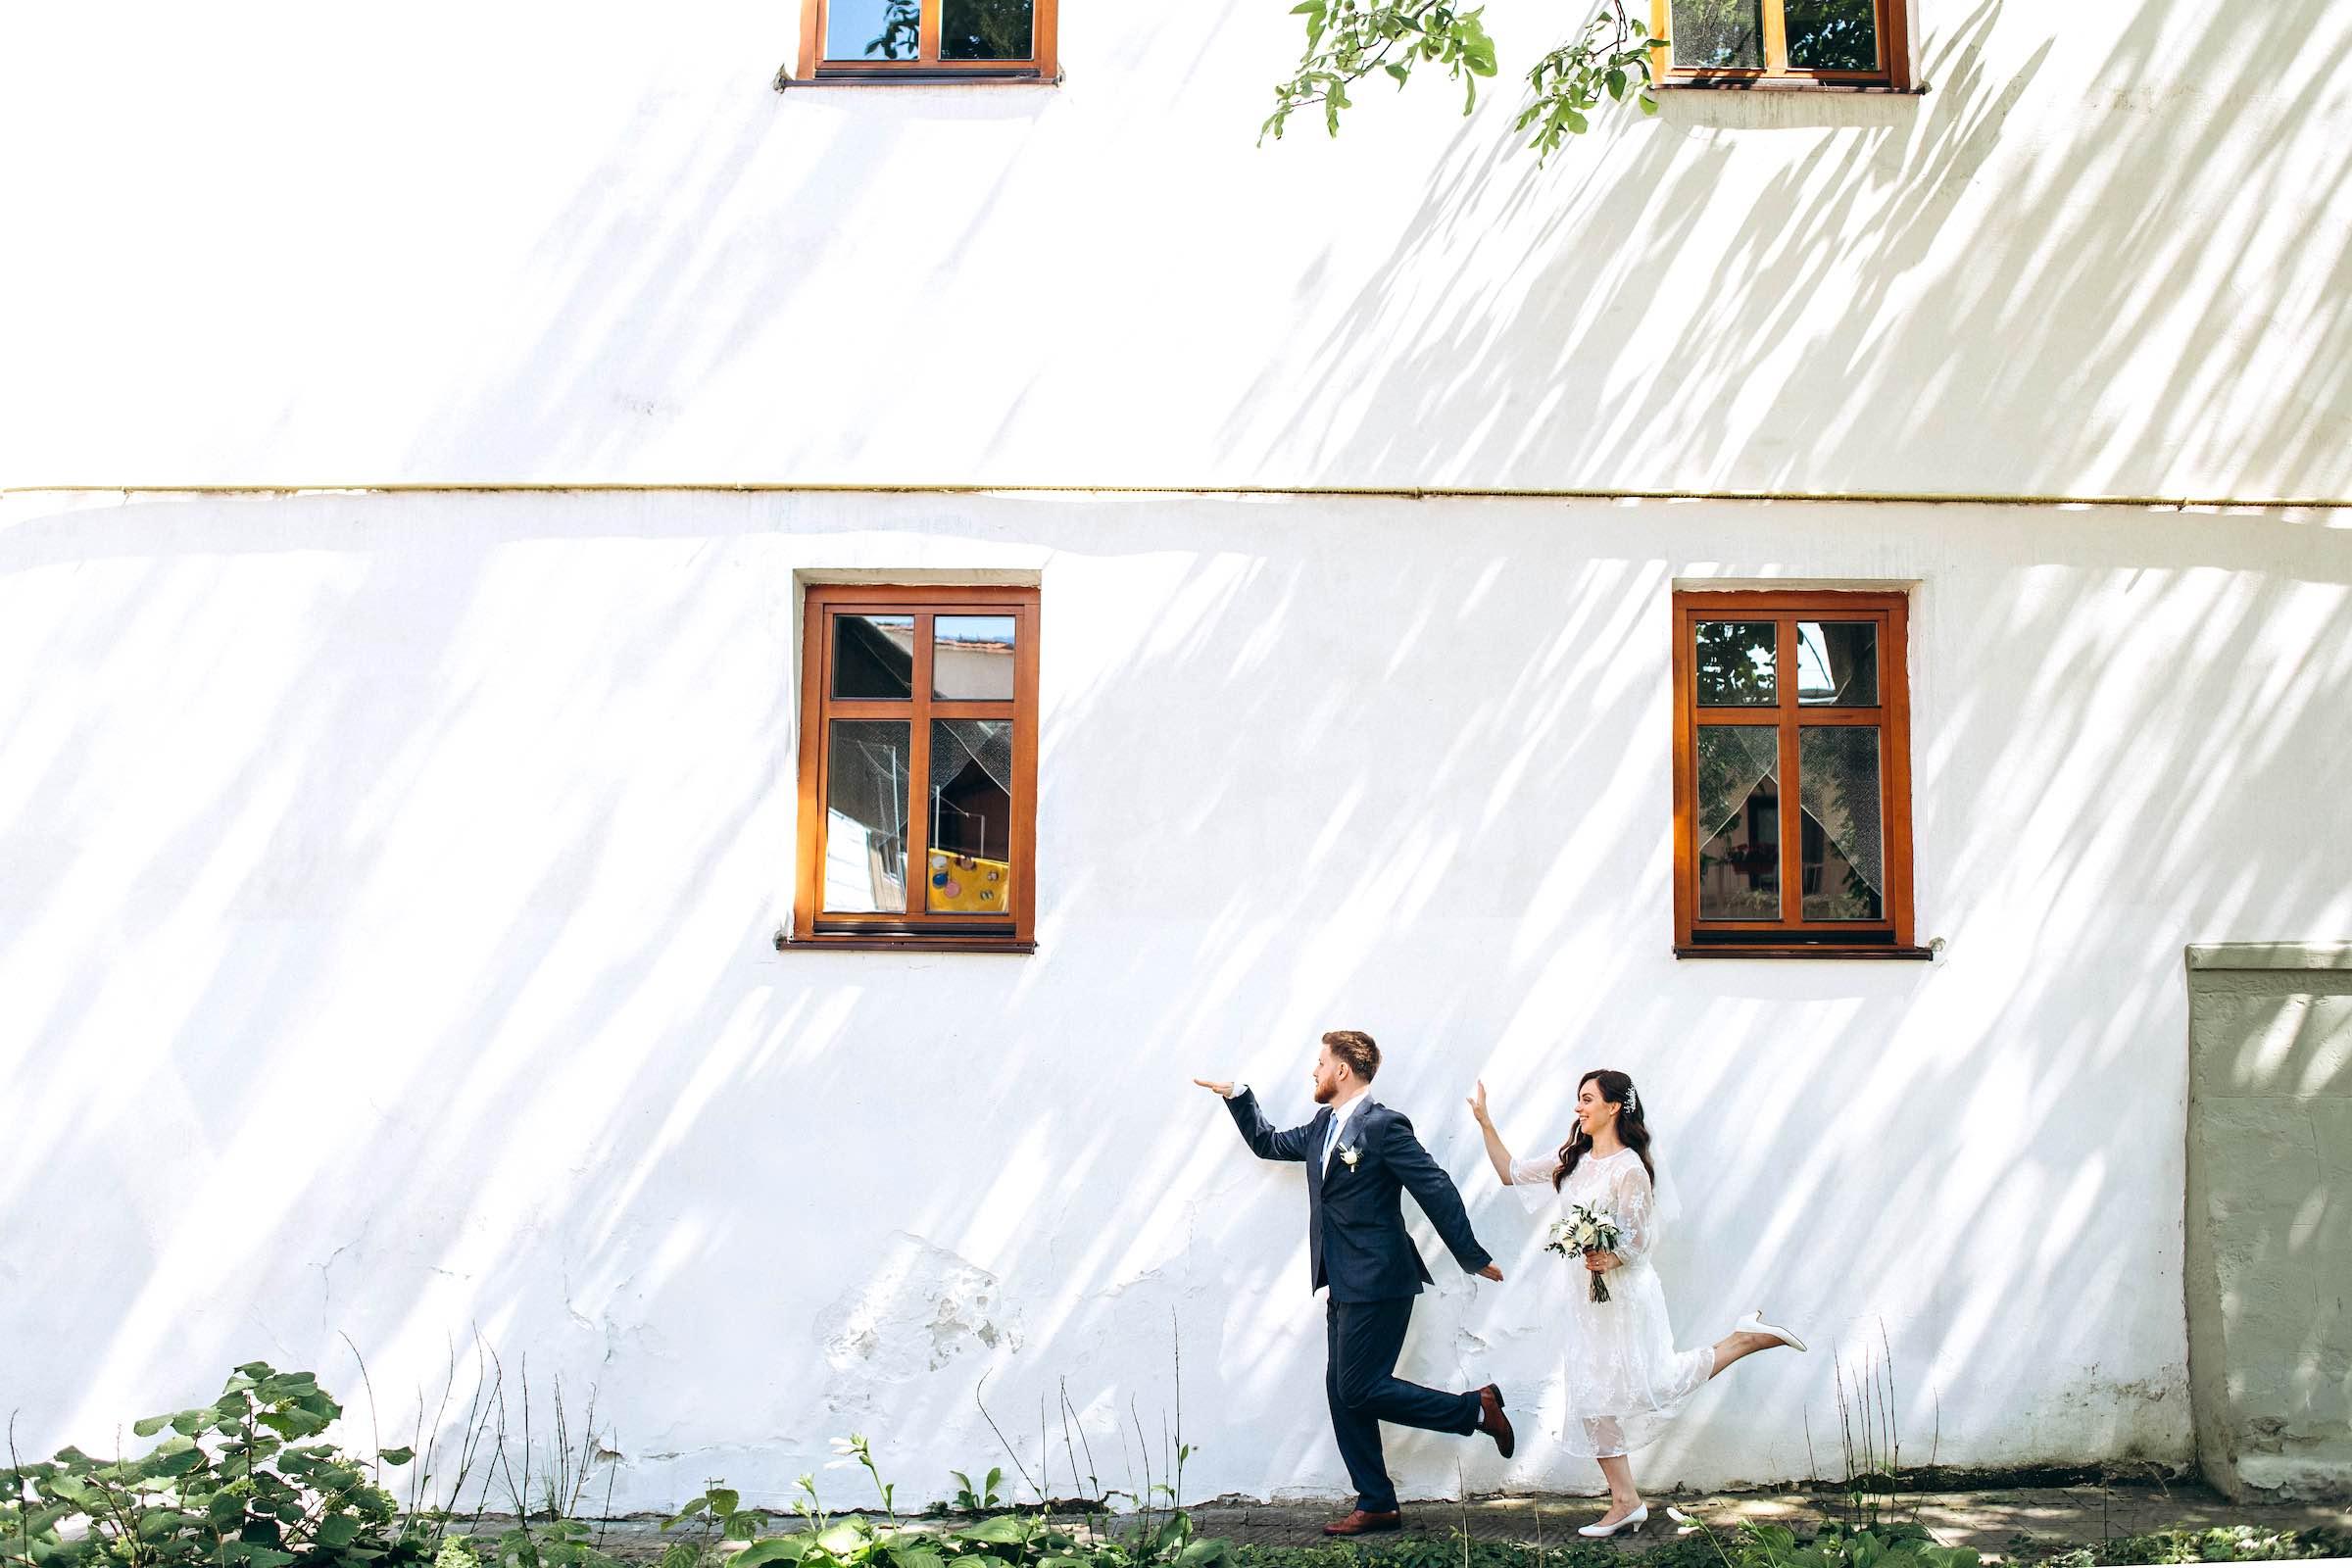 Hochzeitsfotografie | Paarshooting | Hannover | Fotograf | Hochzeit | Hildesheim | Mieten | Buchen | Lehmann | Eventservice